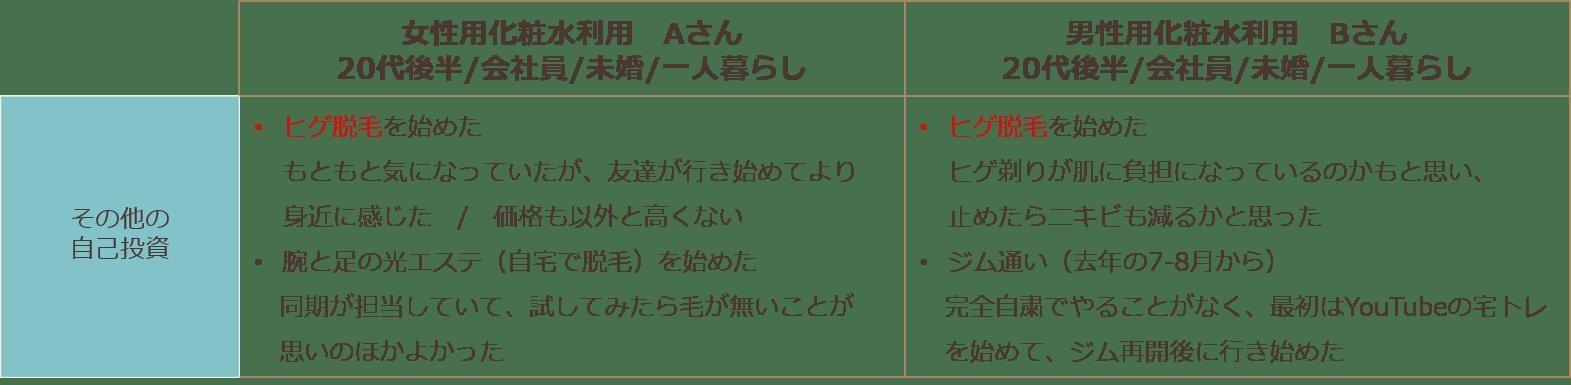 ihr-column13_04.png